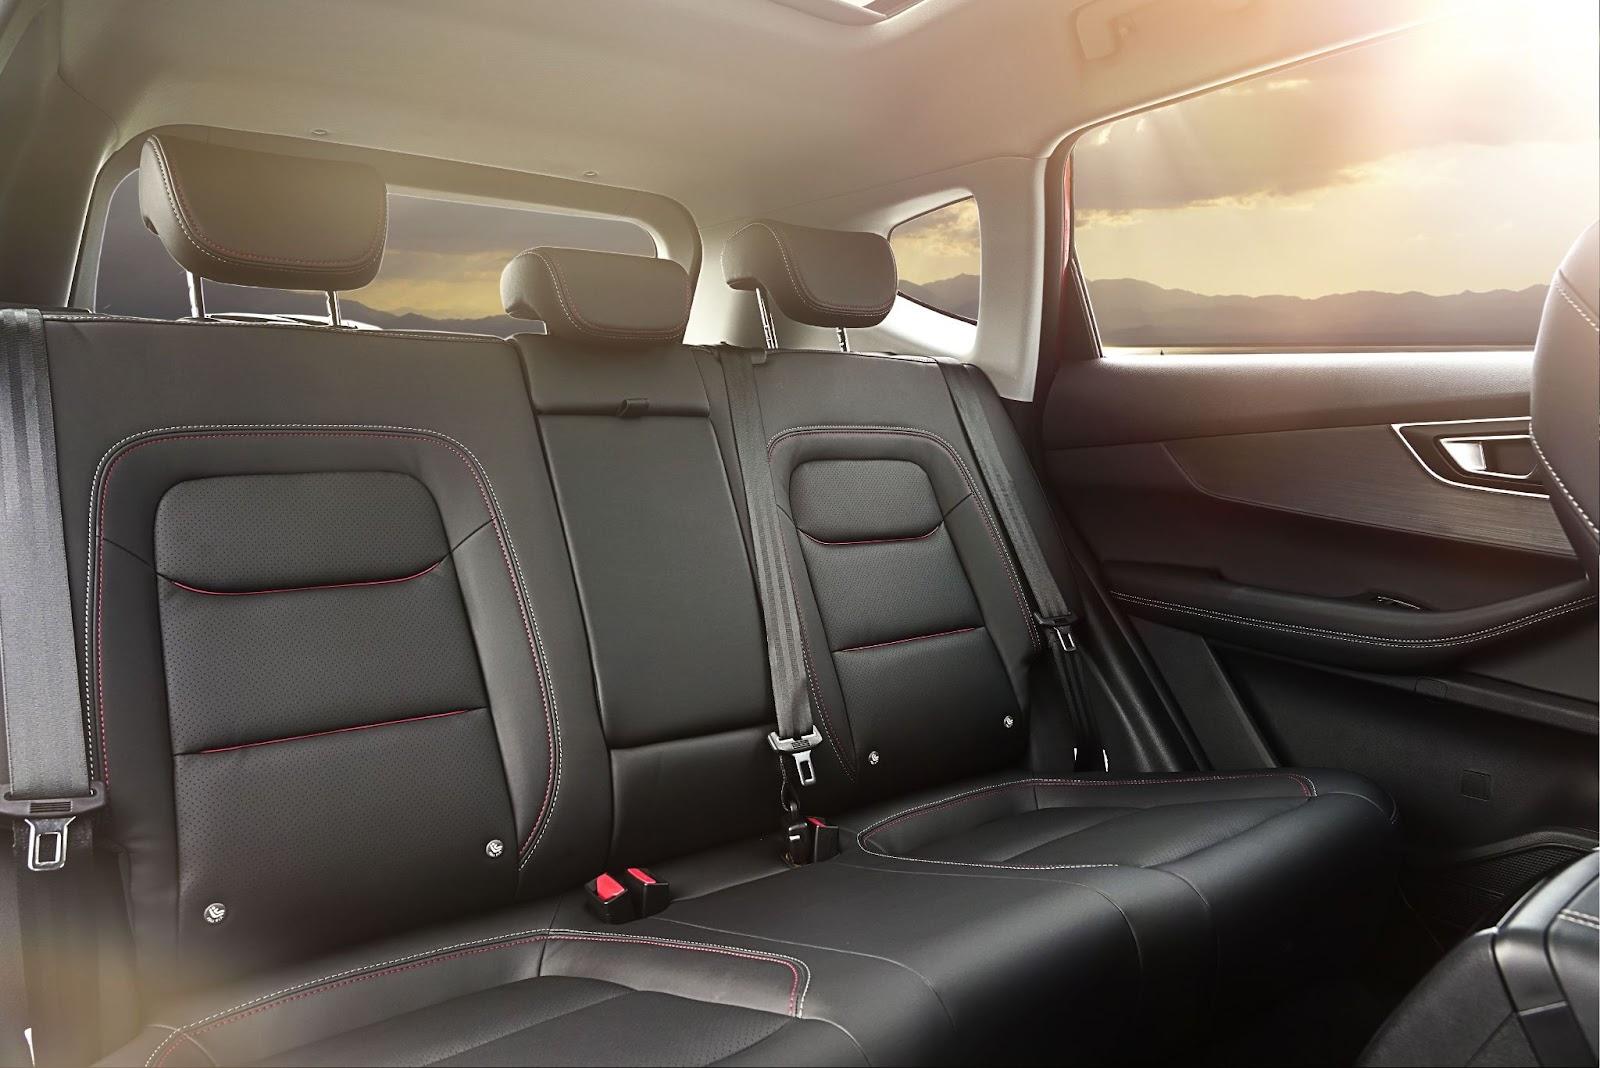 Chery Tiggo 7 Pro interior